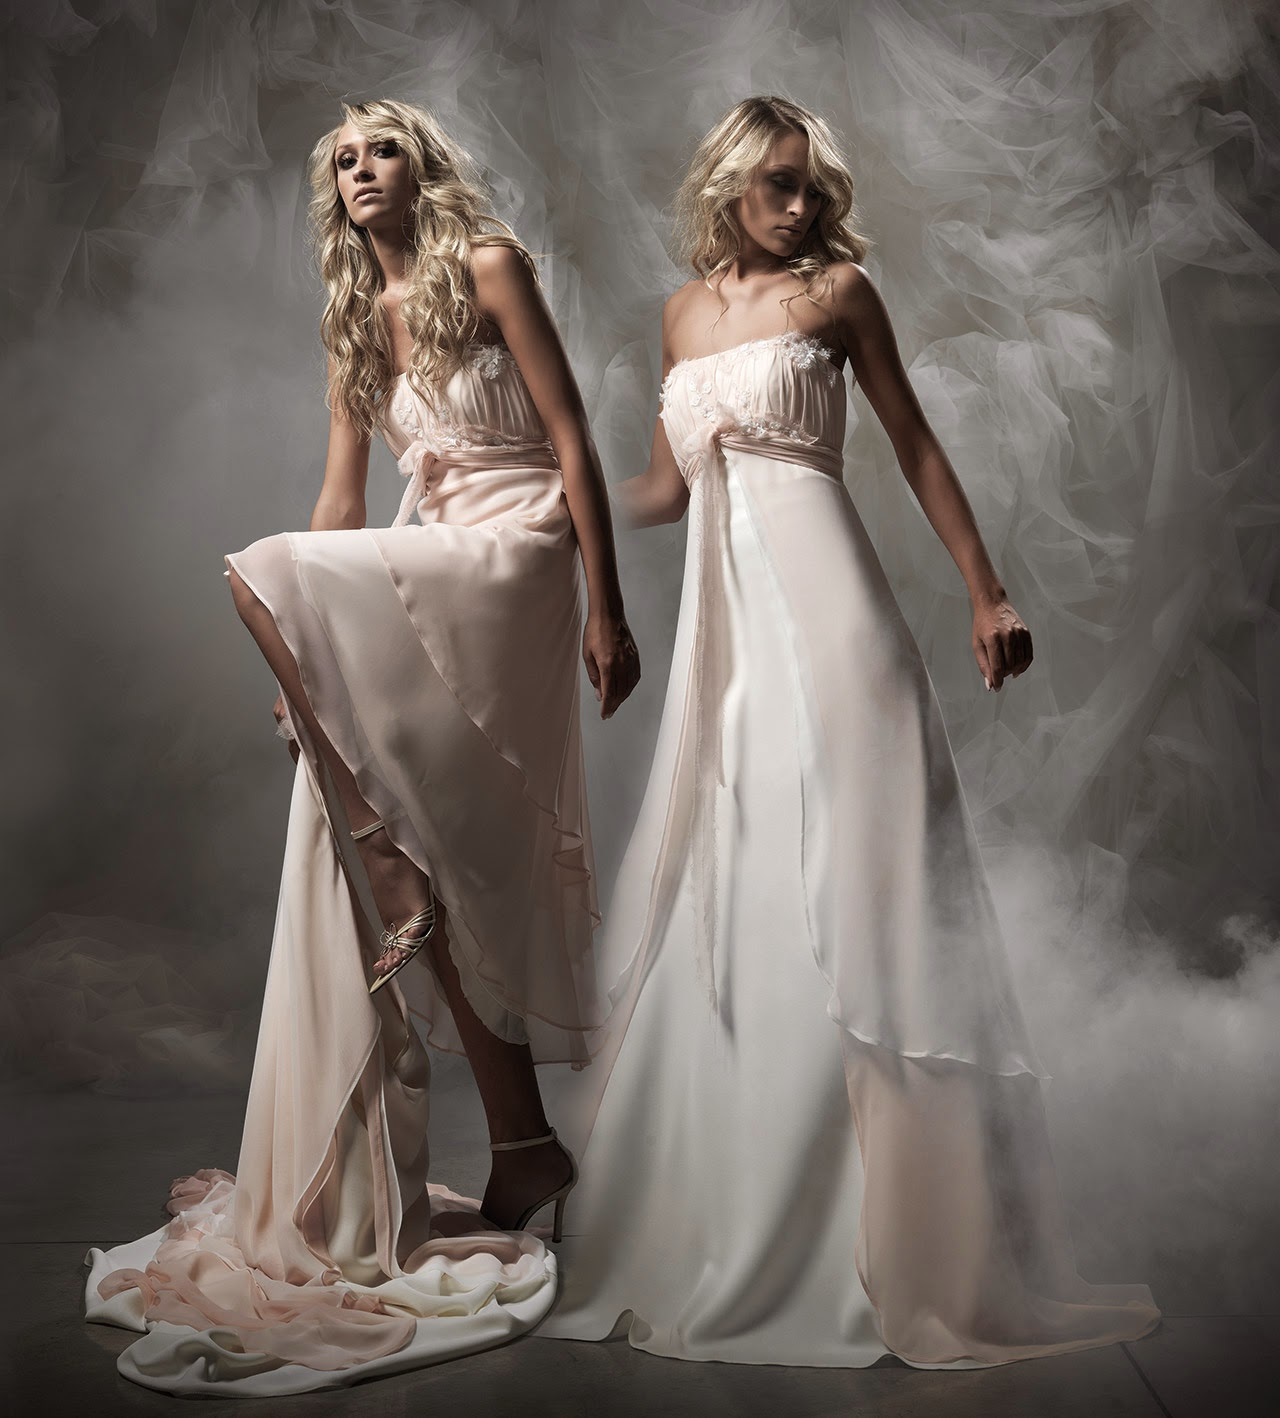 a0edfce4fabd Abito della Collezione Dual Dress di Magnani Sposa